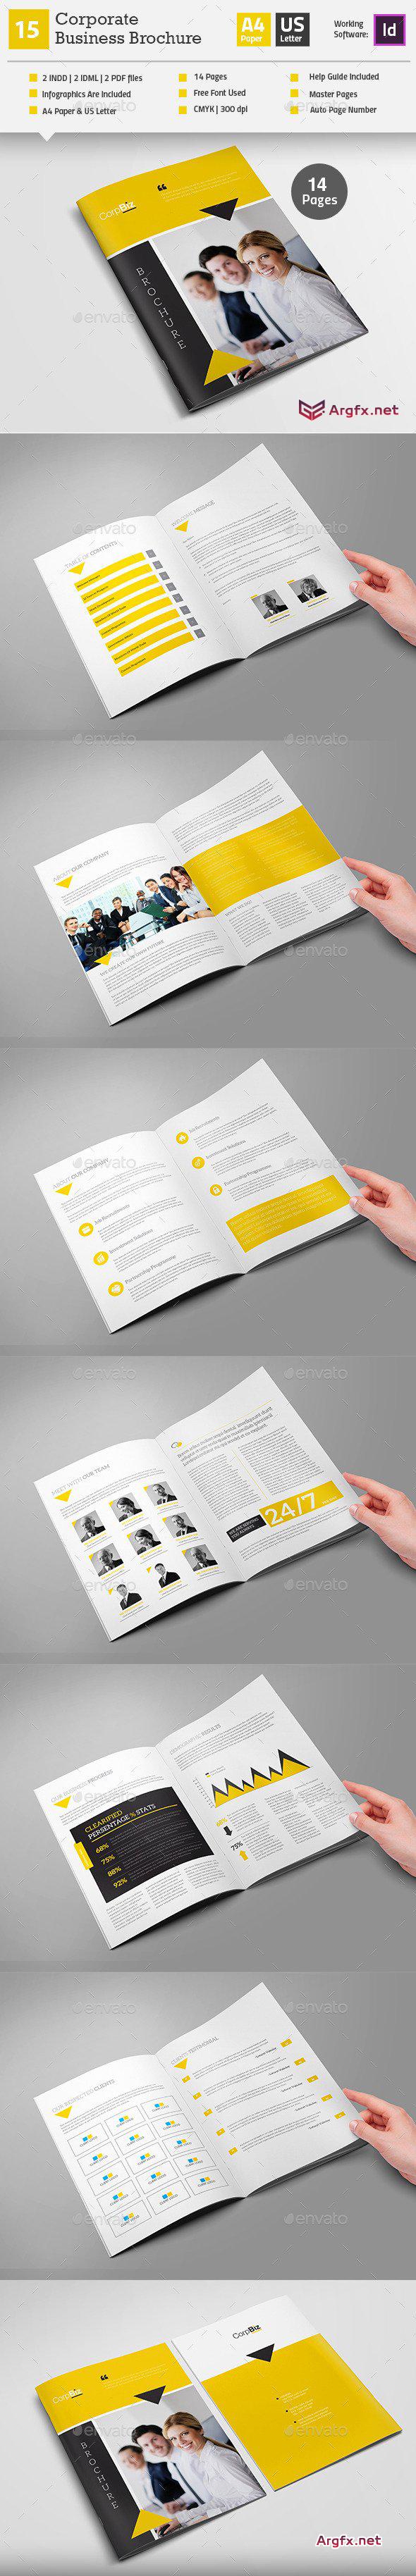 Multipurpose Business Brochure Indesign Layout V16 12485860